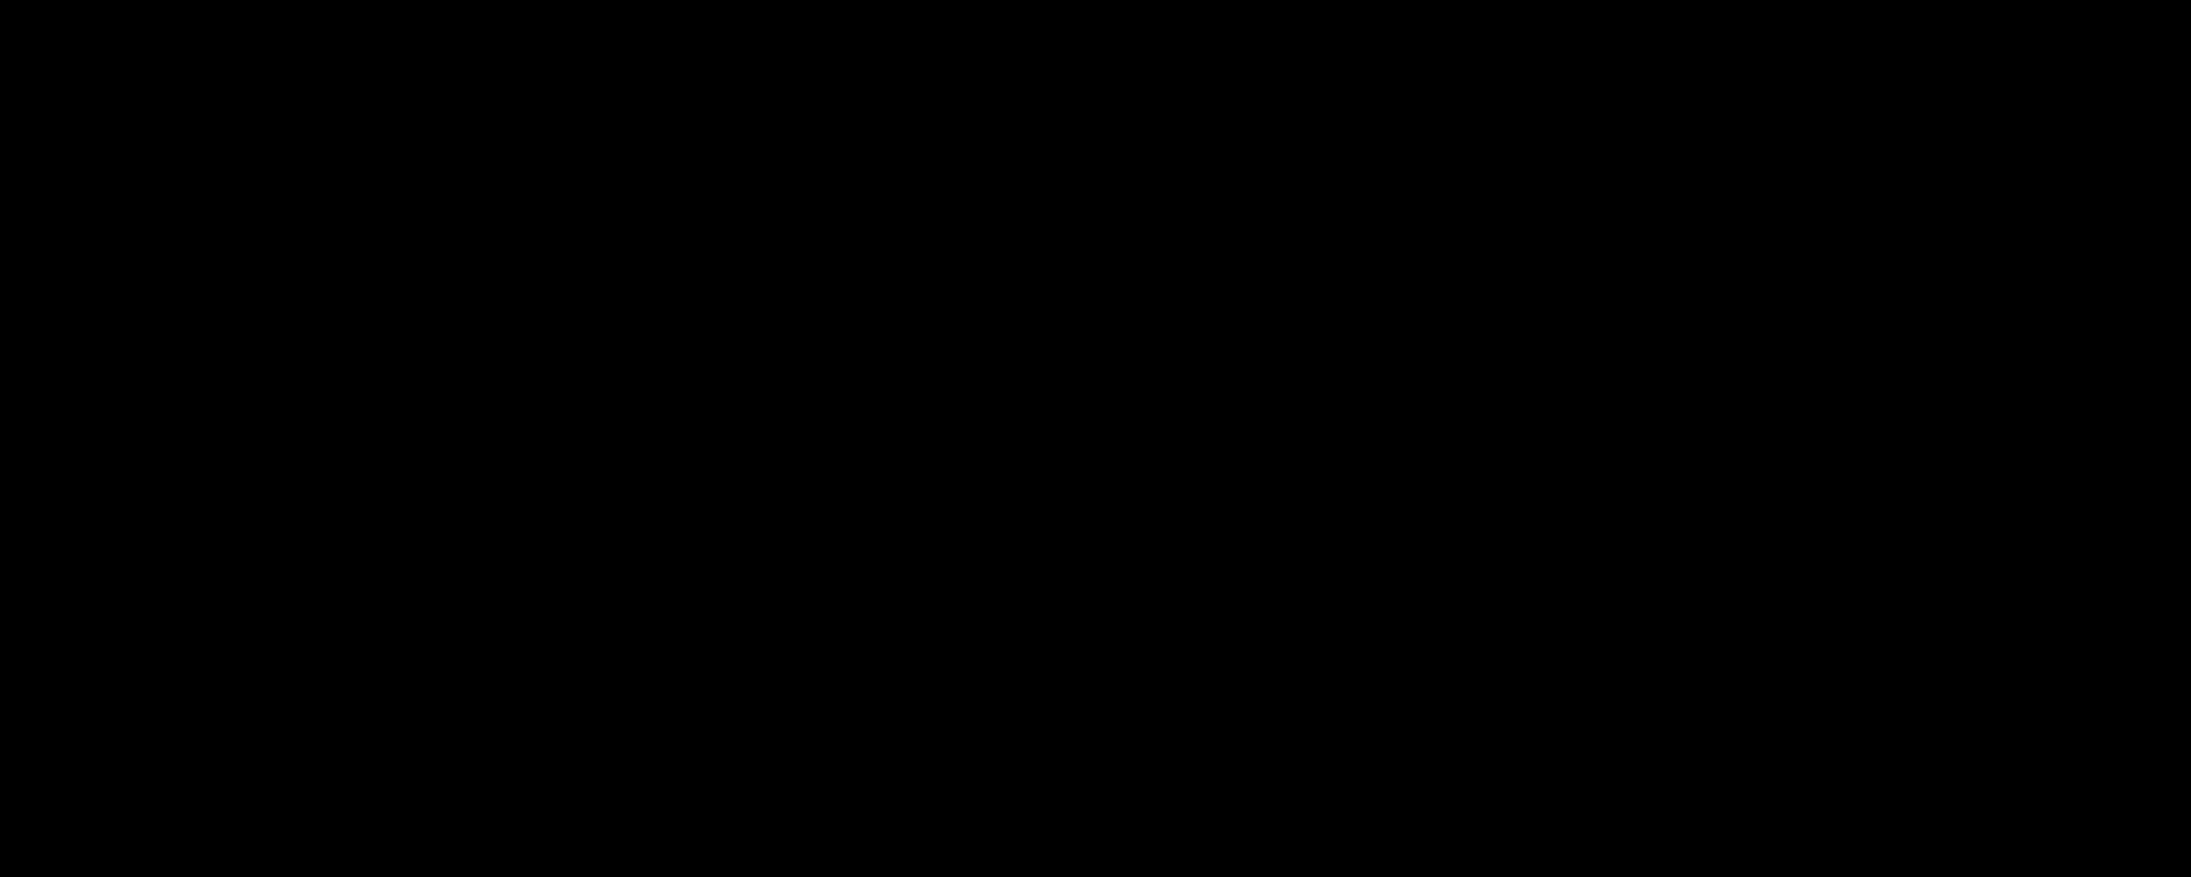 Download Ktm Racing Logo Png Transparent - Troy Lee Designs Ktm Pluspng.com  - Ktm Racing Logo PNG